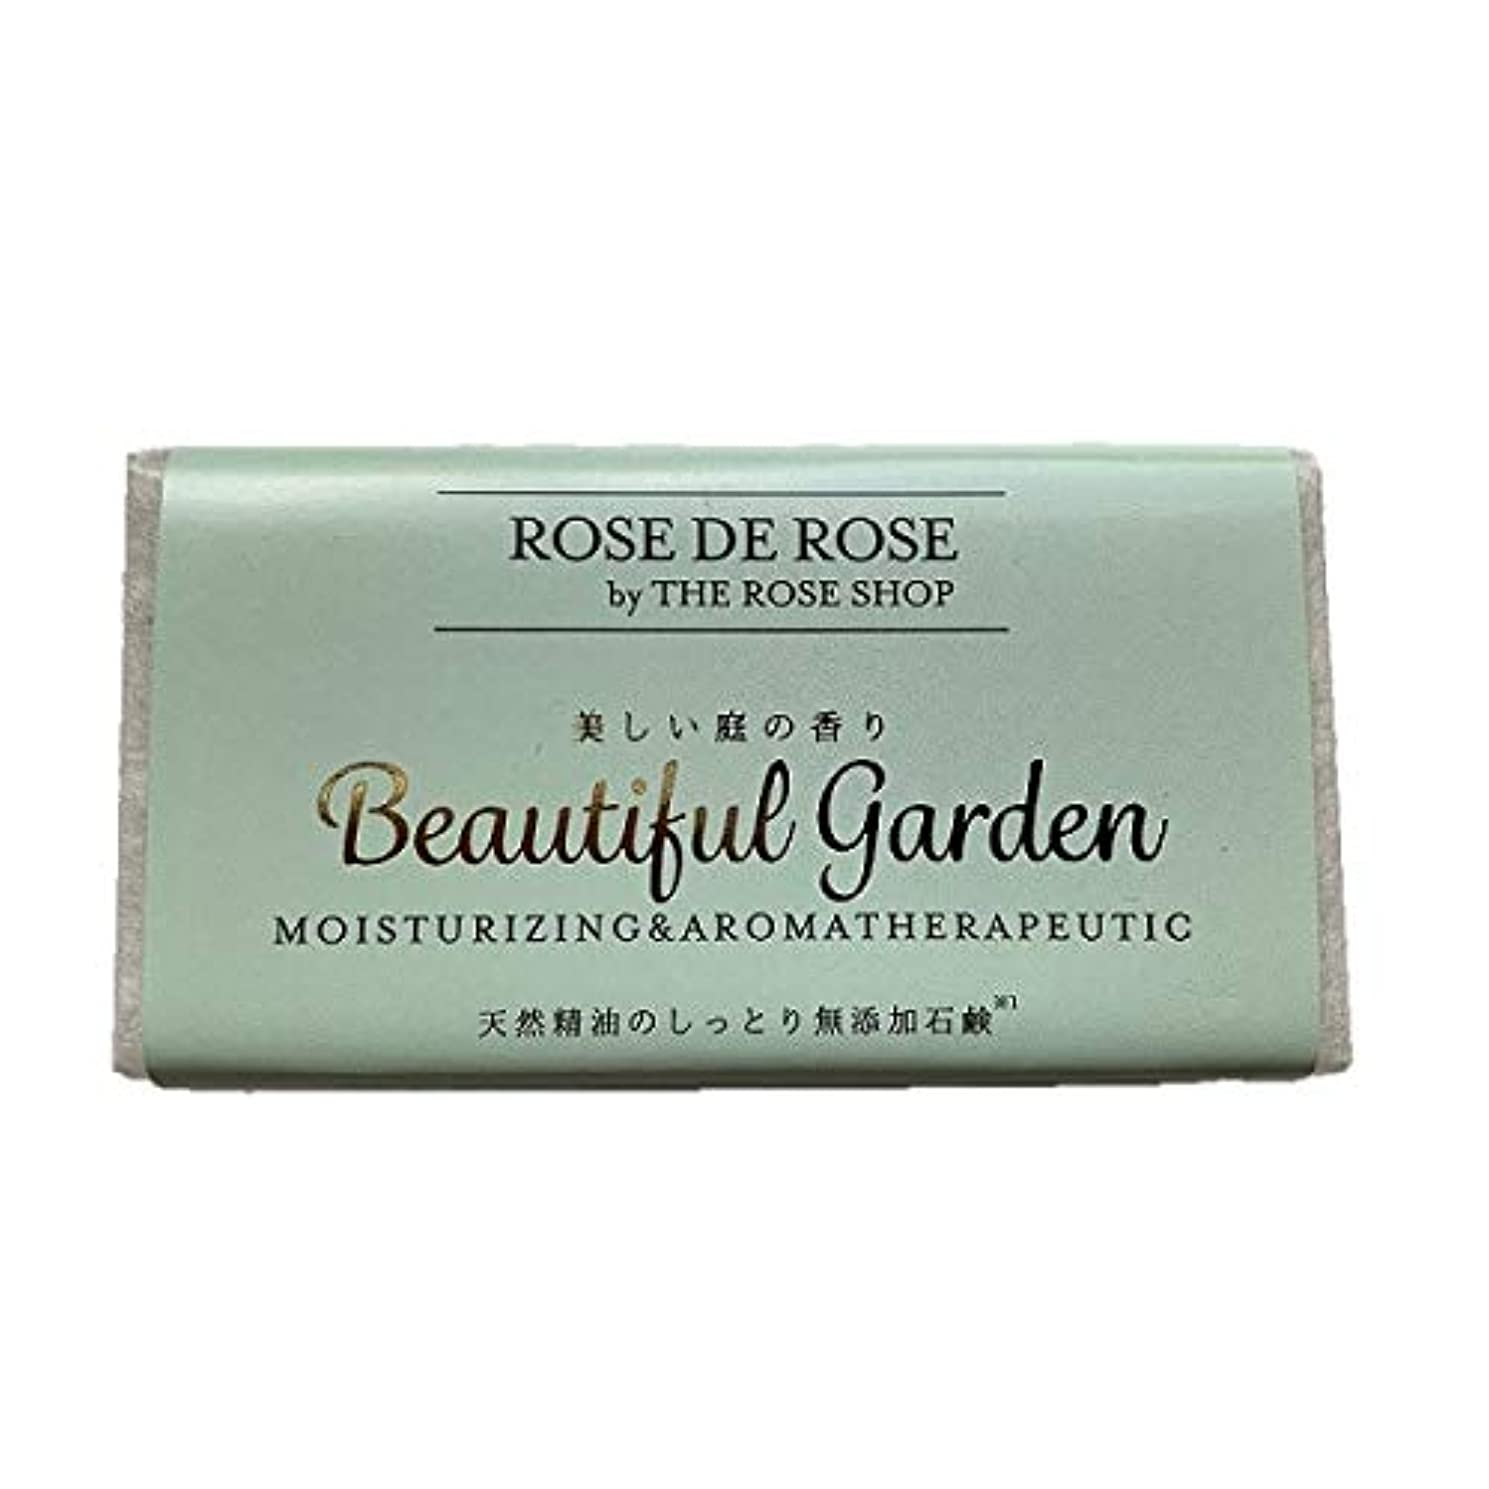 カップ植木メタン天然精油の無添加石鹸 「美しい庭の香り ビューティフルガーデン」2個セット